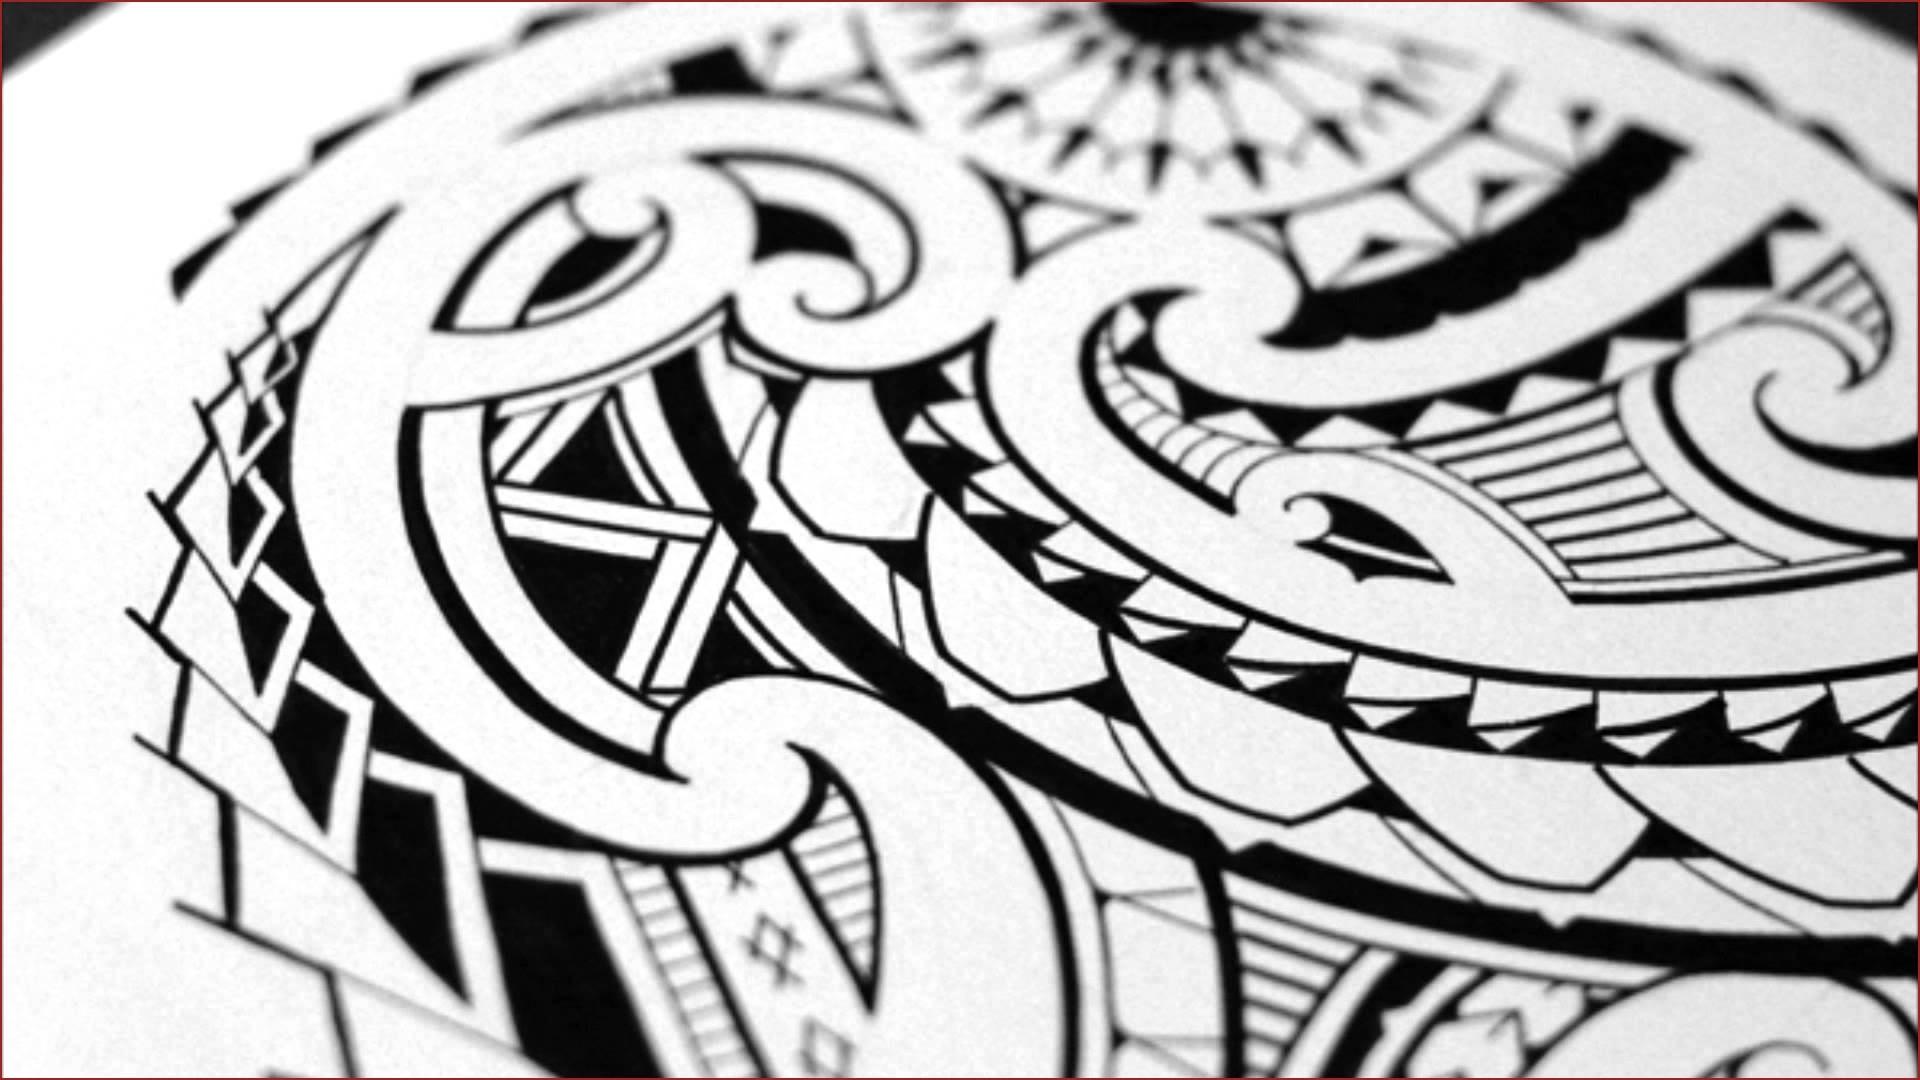 Res: 1920x1080, tattoo design wallpaper #370165